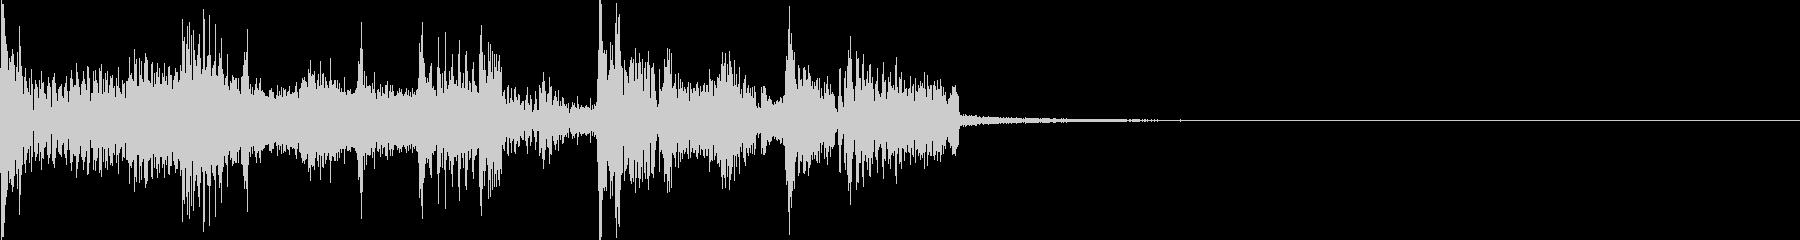 ハイテックでスラップベースなジングルの未再生の波形